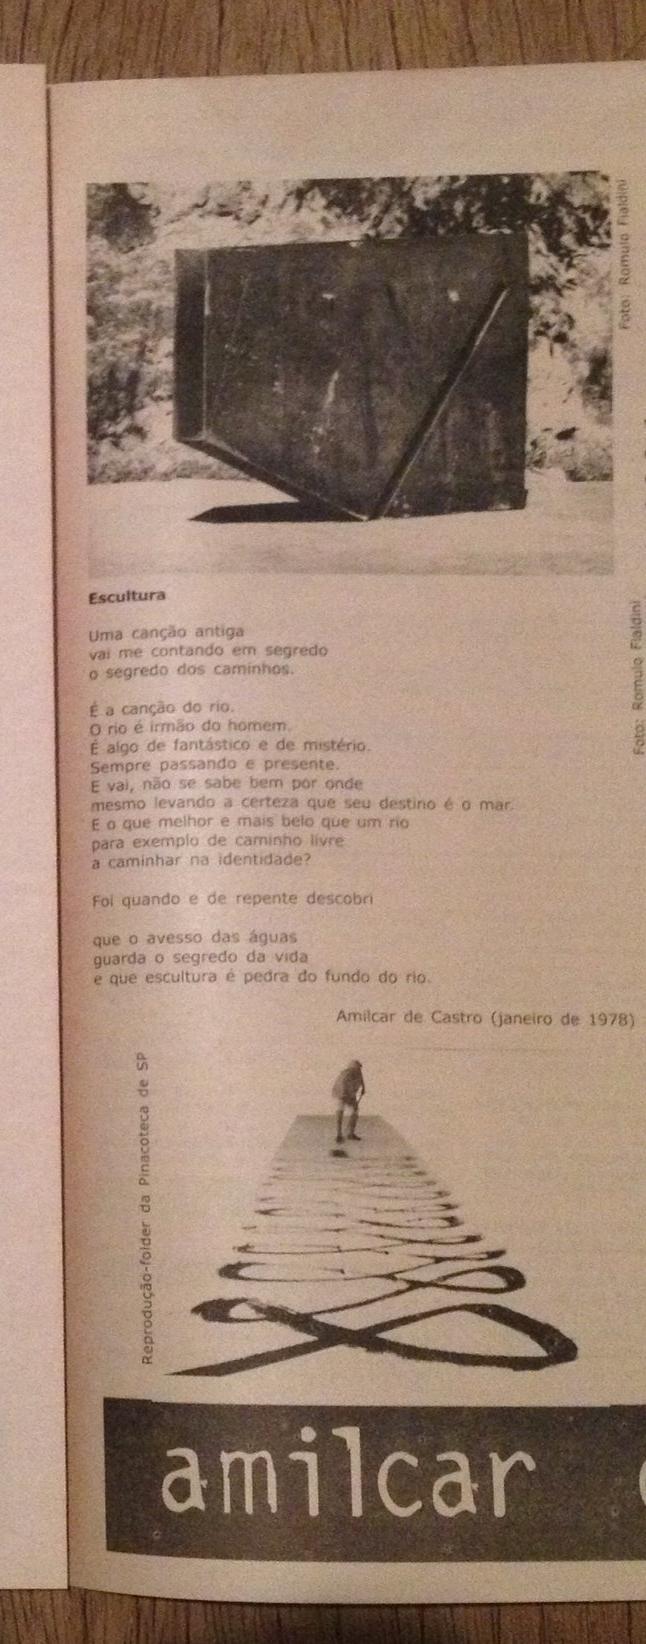 Recorte com poema do artista, página 9 do Atelier 61 que publicou entrevista com Amilcar de Castro